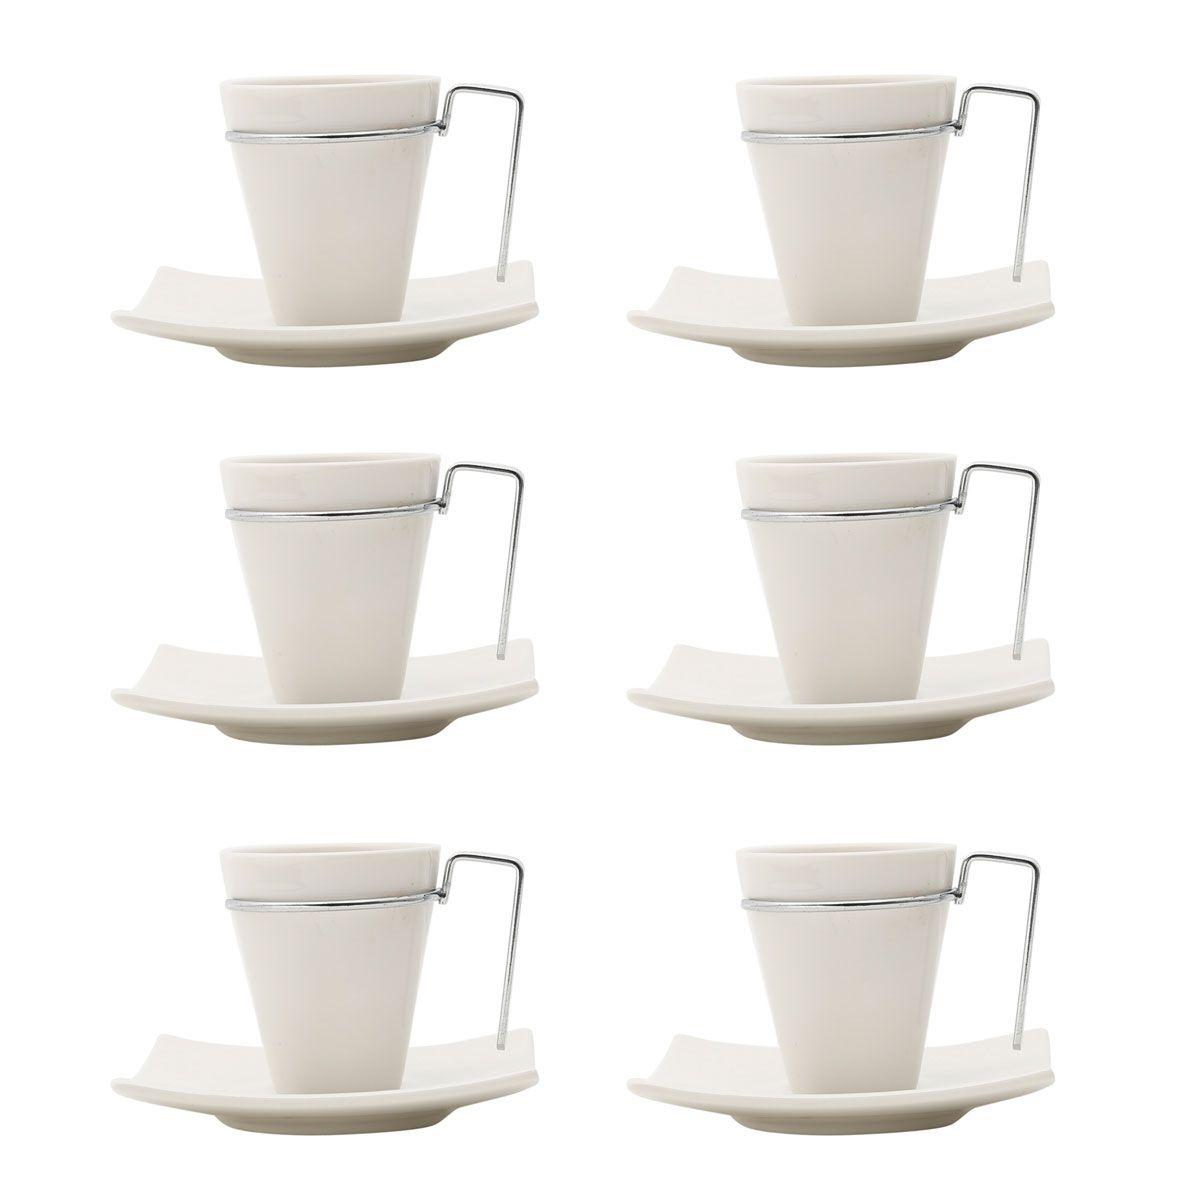 Jogo 6 xícaras 80ml para café de porcelana branca e alça de aço inox com pires Spril Wolff - 17069